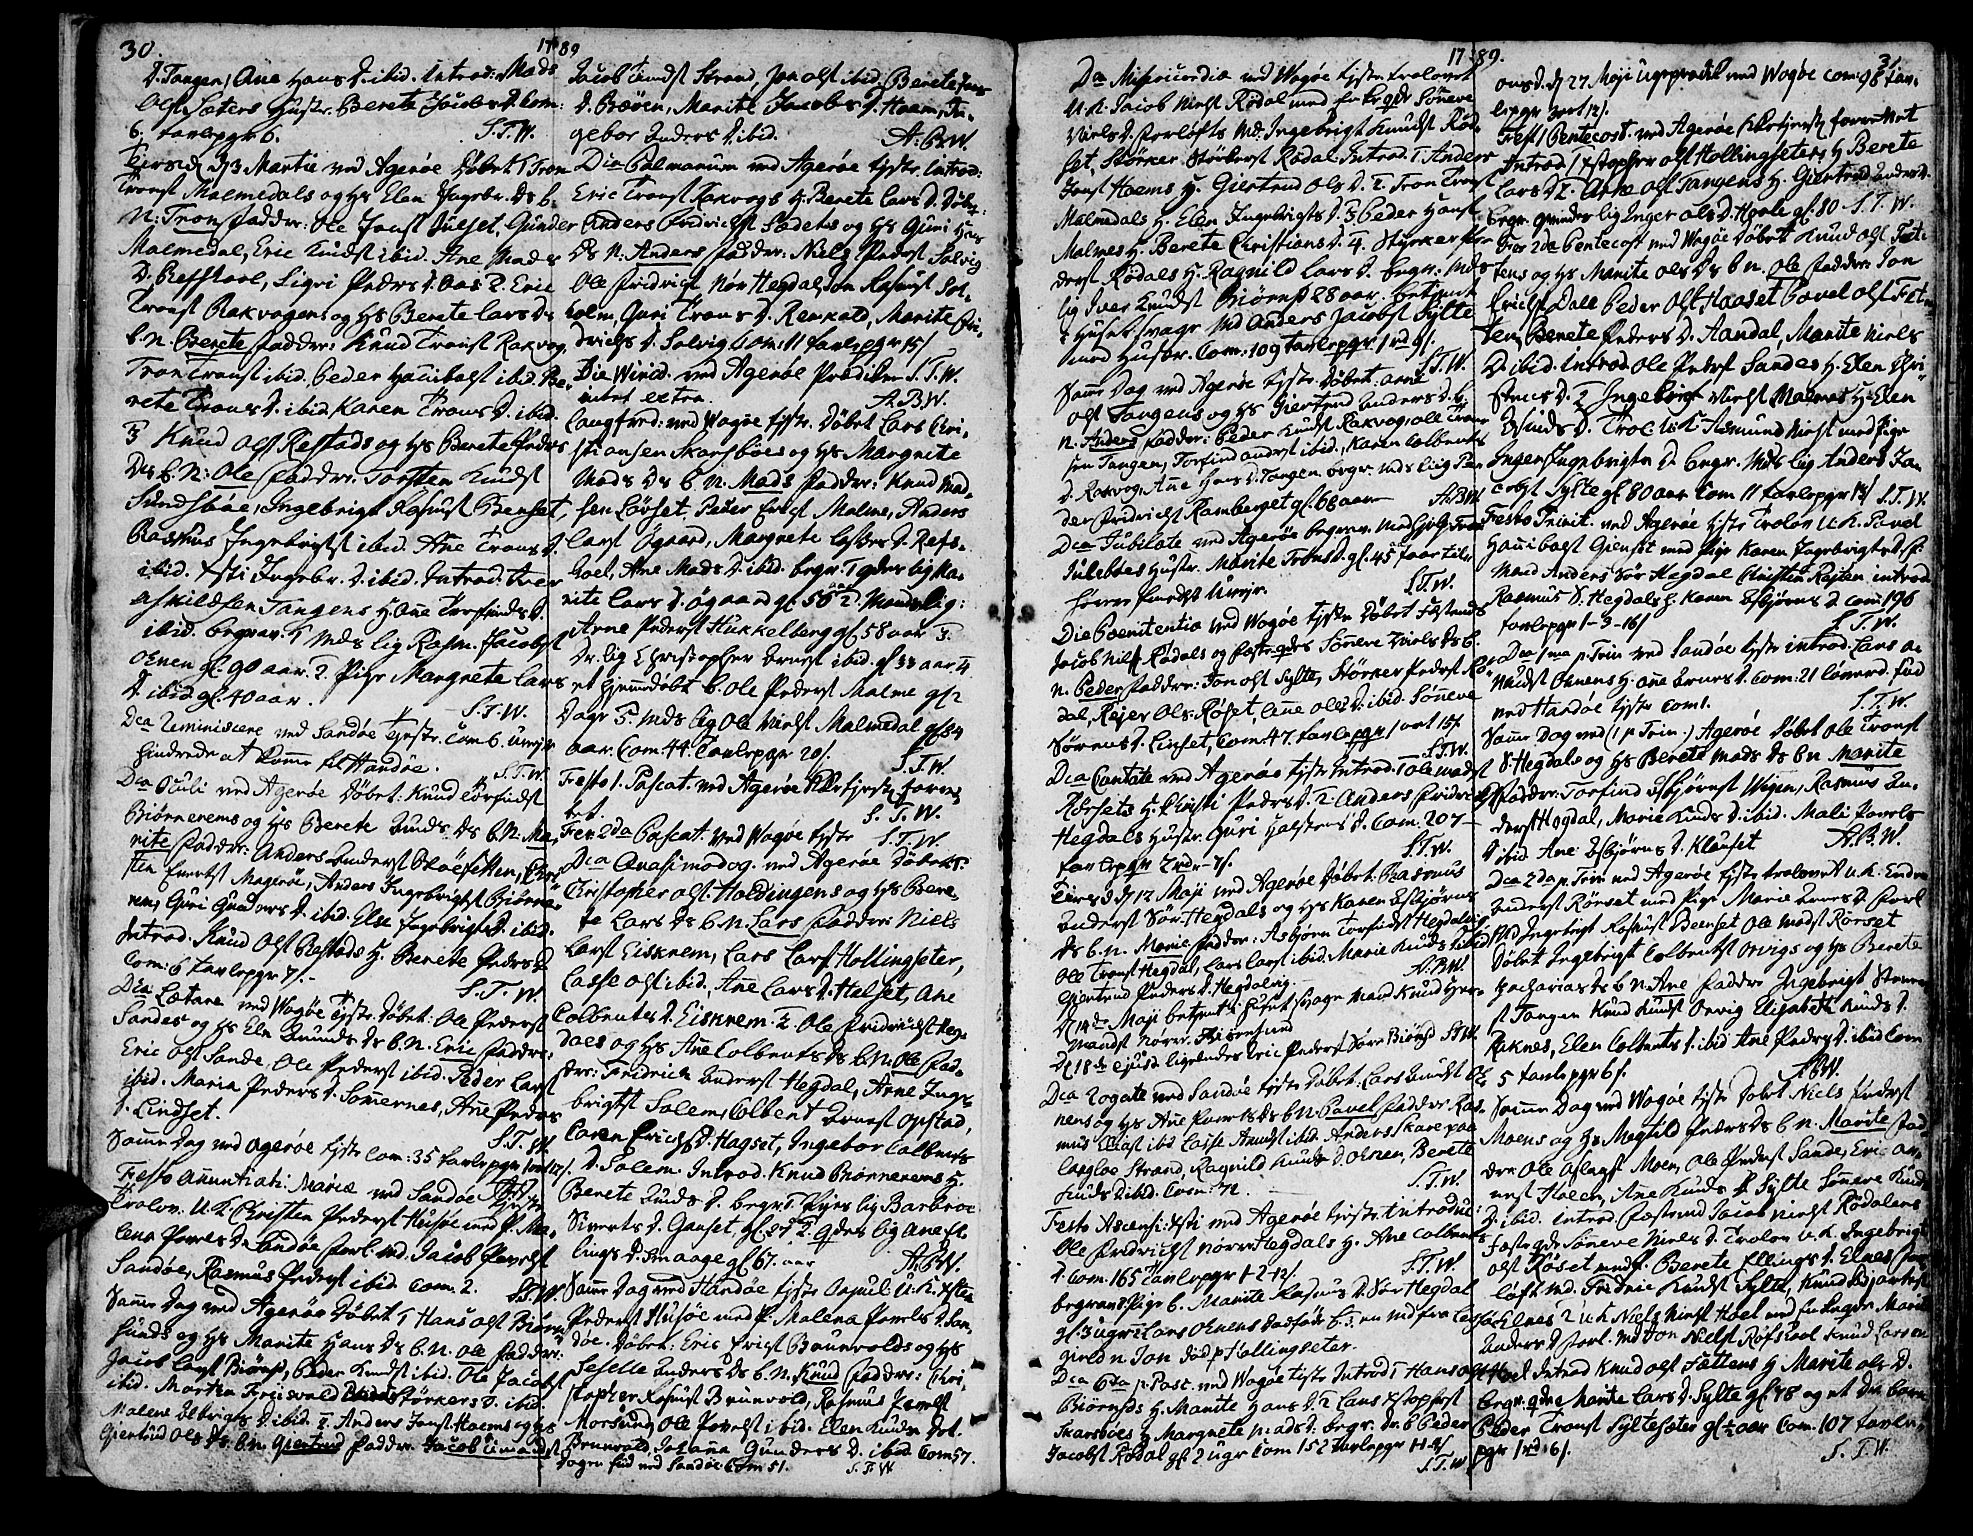 SAT, Ministerialprotokoller, klokkerbøker og fødselsregistre - Møre og Romsdal, 560/L0717: Ministerialbok nr. 560A01, 1785-1808, s. 30-31